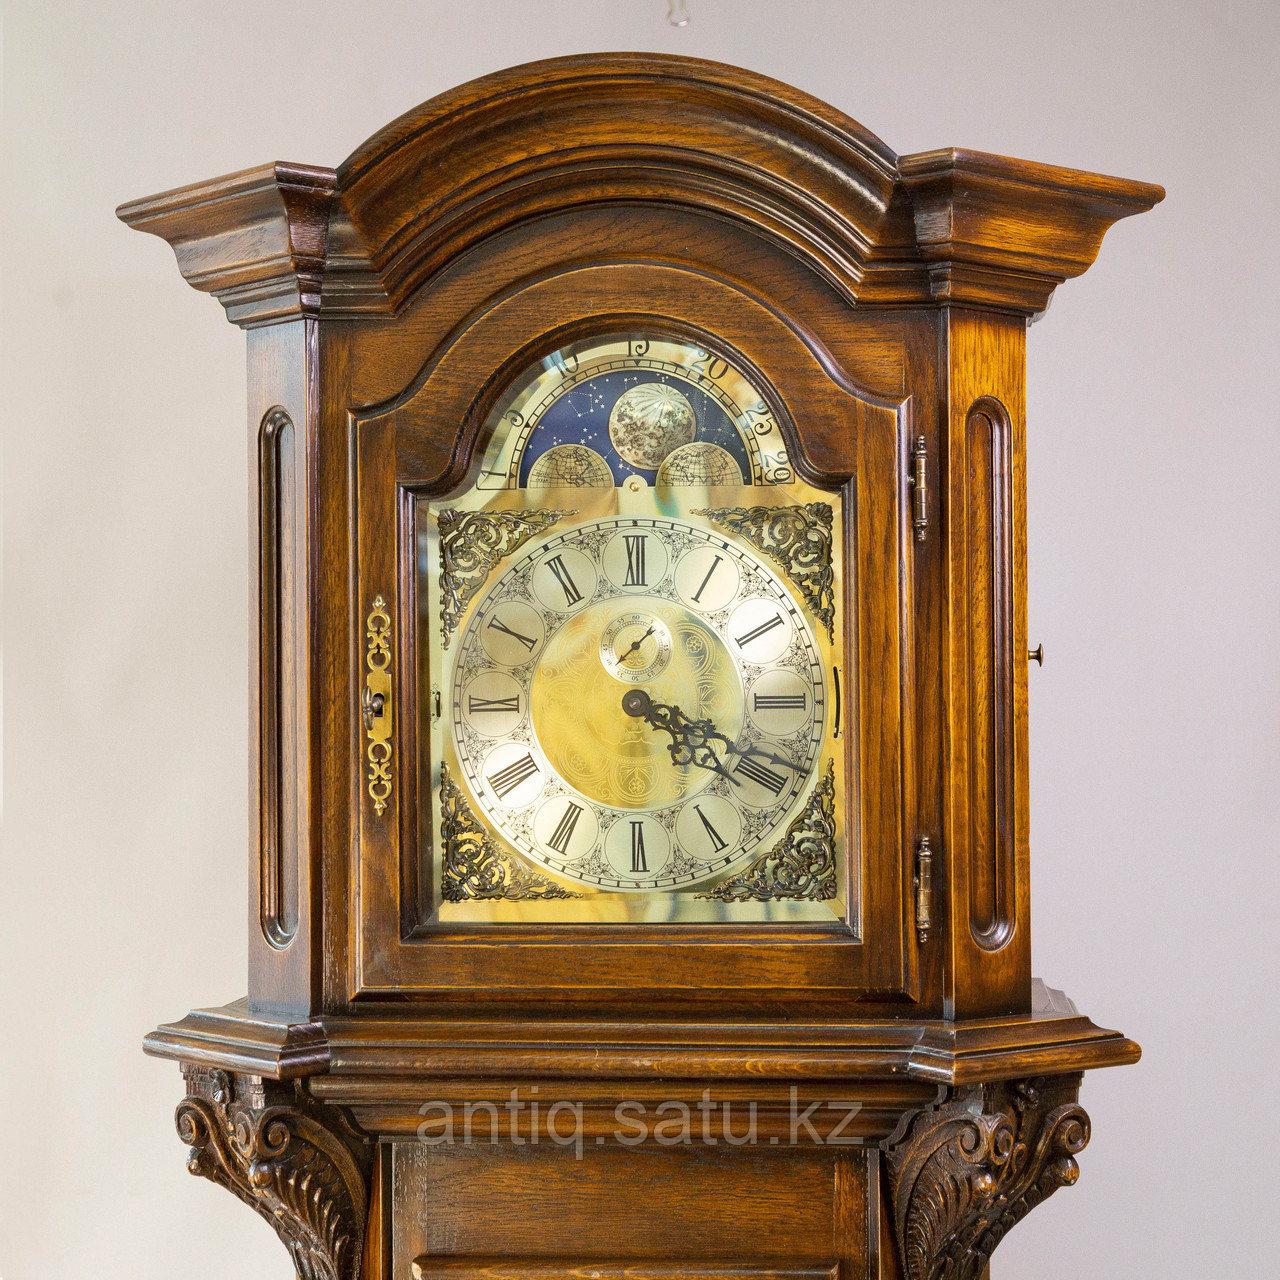 Напольные часы URGOS Германия - фото 5